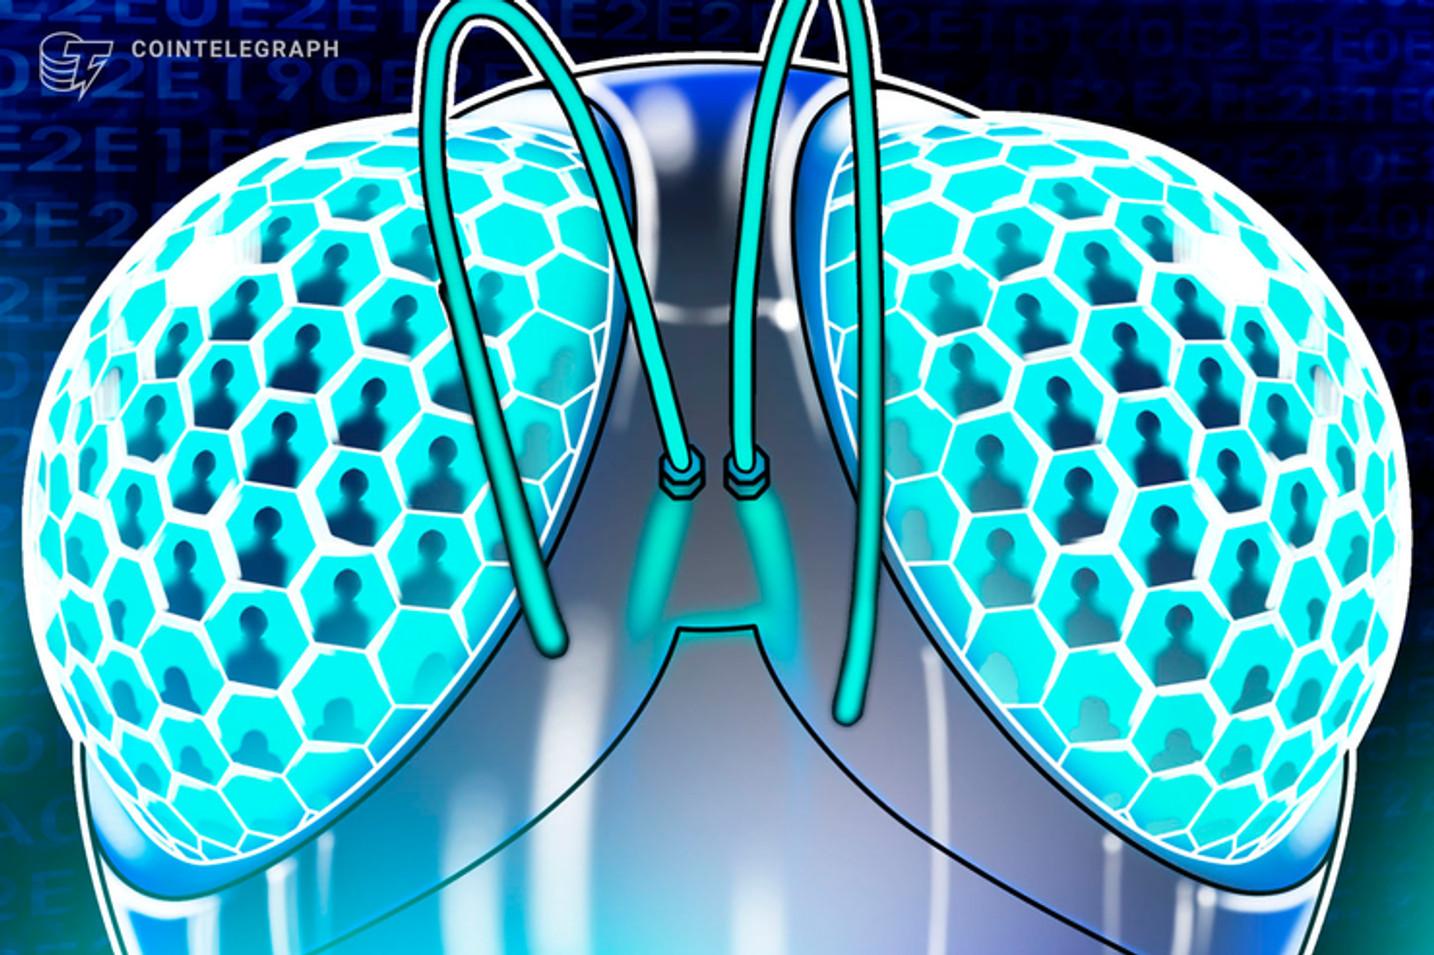 ¿Tienes identificación? Nuevos proyectos exploran los sistemas de identidad en la tecnología Blockchain